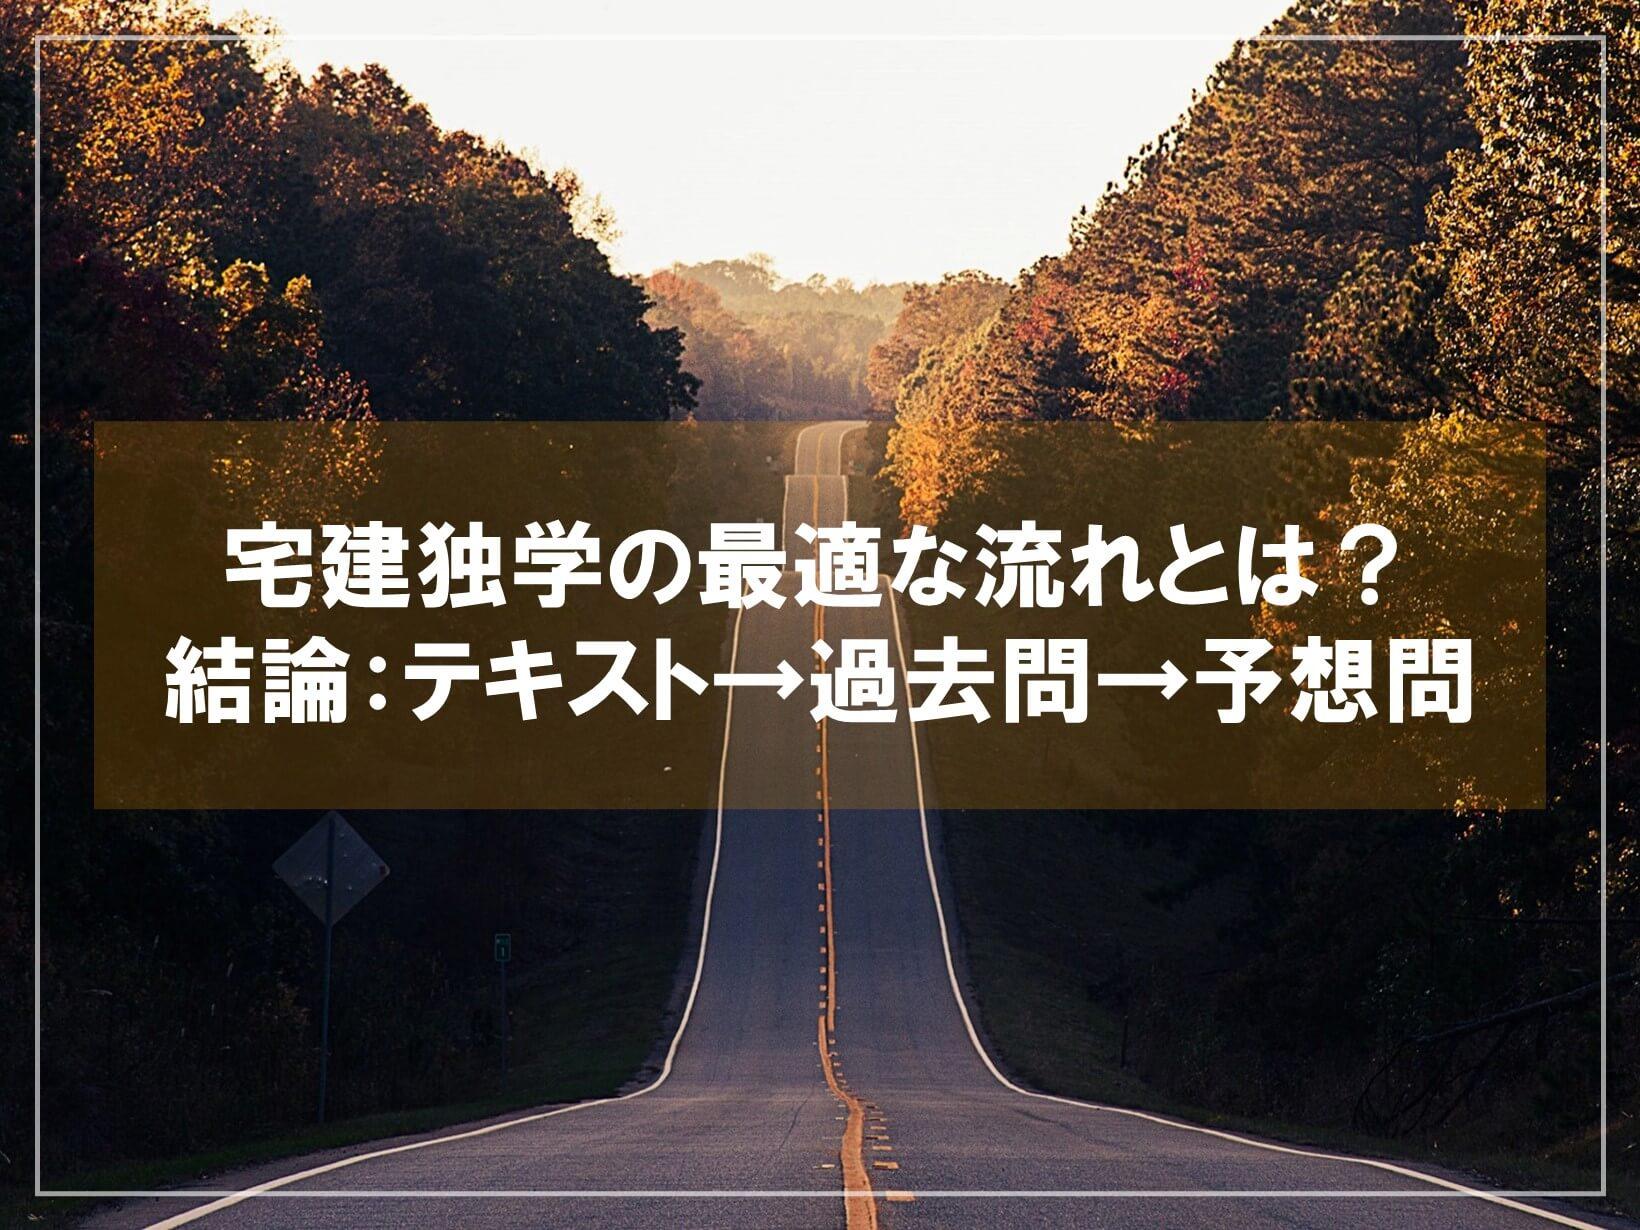 宅建独学の最適な流れとは?結論:テキスト→過去問→予想問